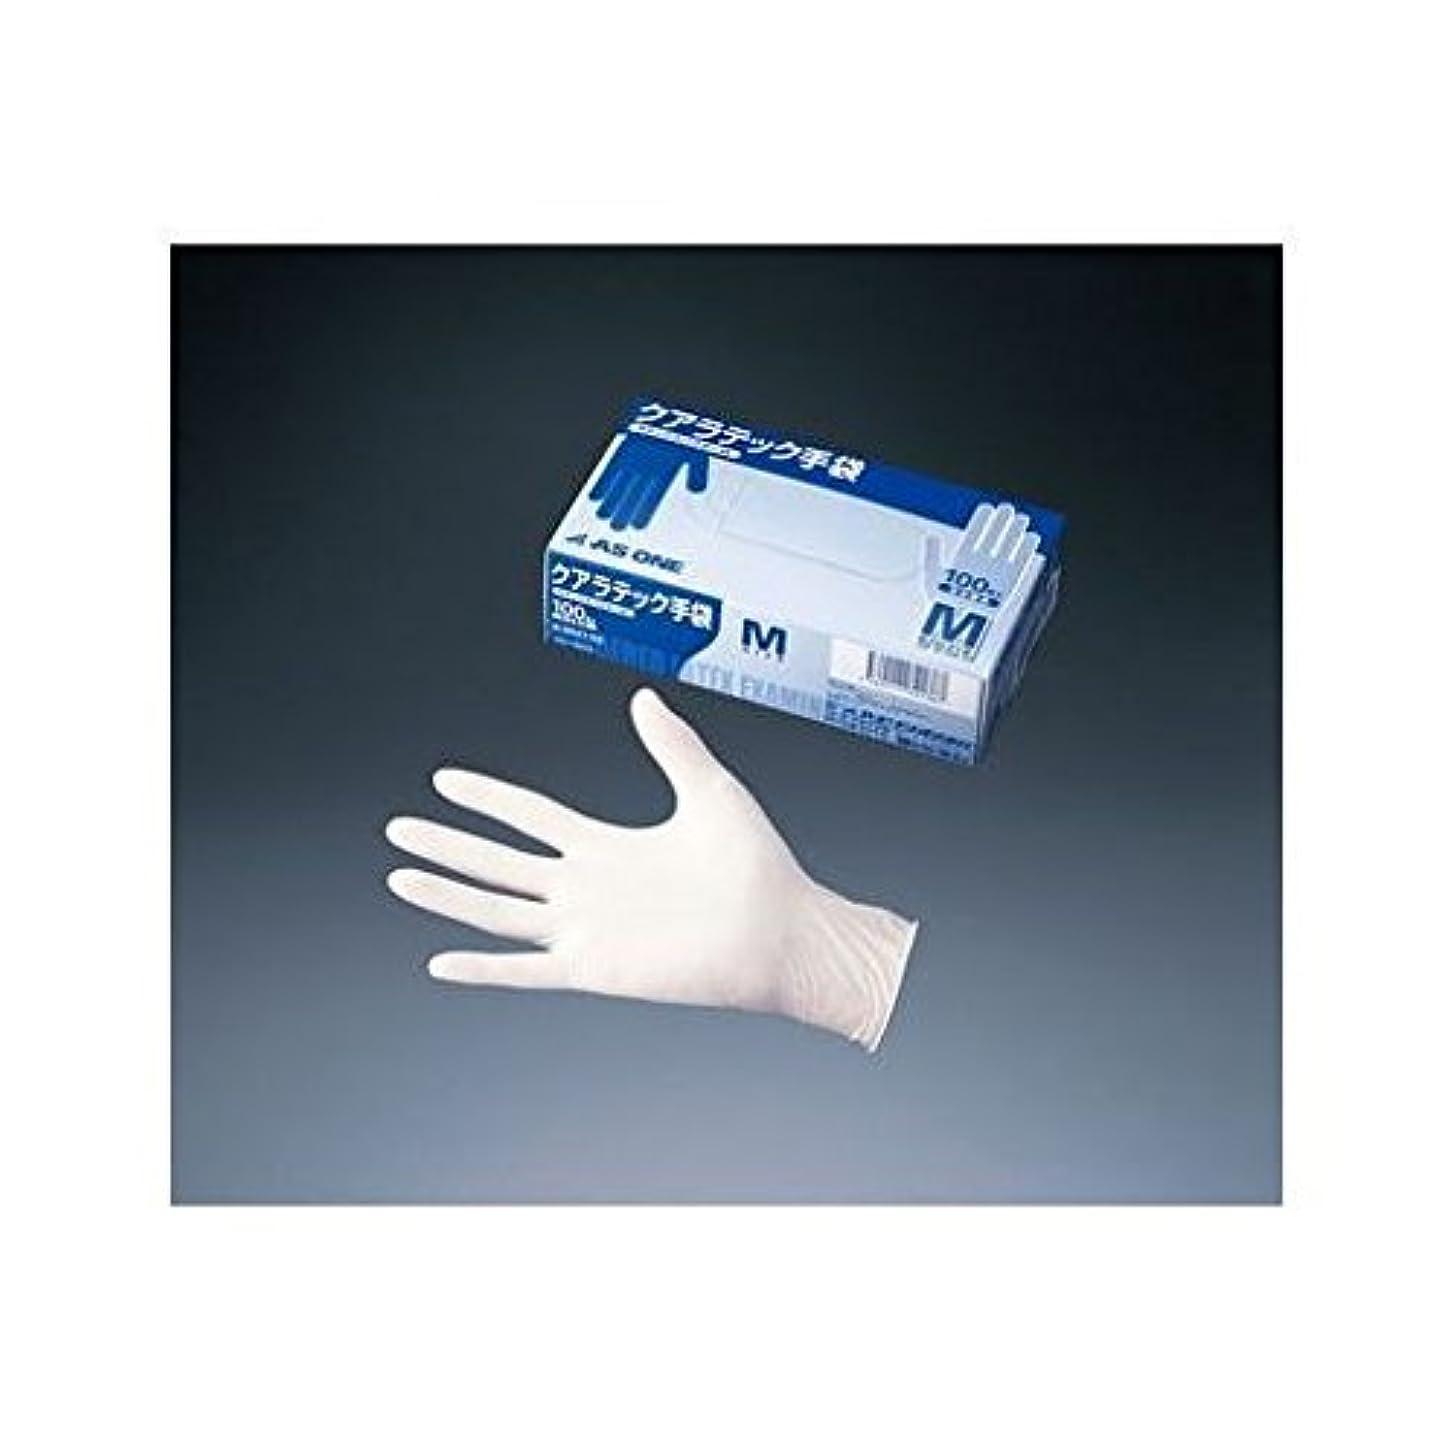 黄ばむ願うティッシュJS28025 クアラテック手袋(天然ゴム製) S(100枚入)